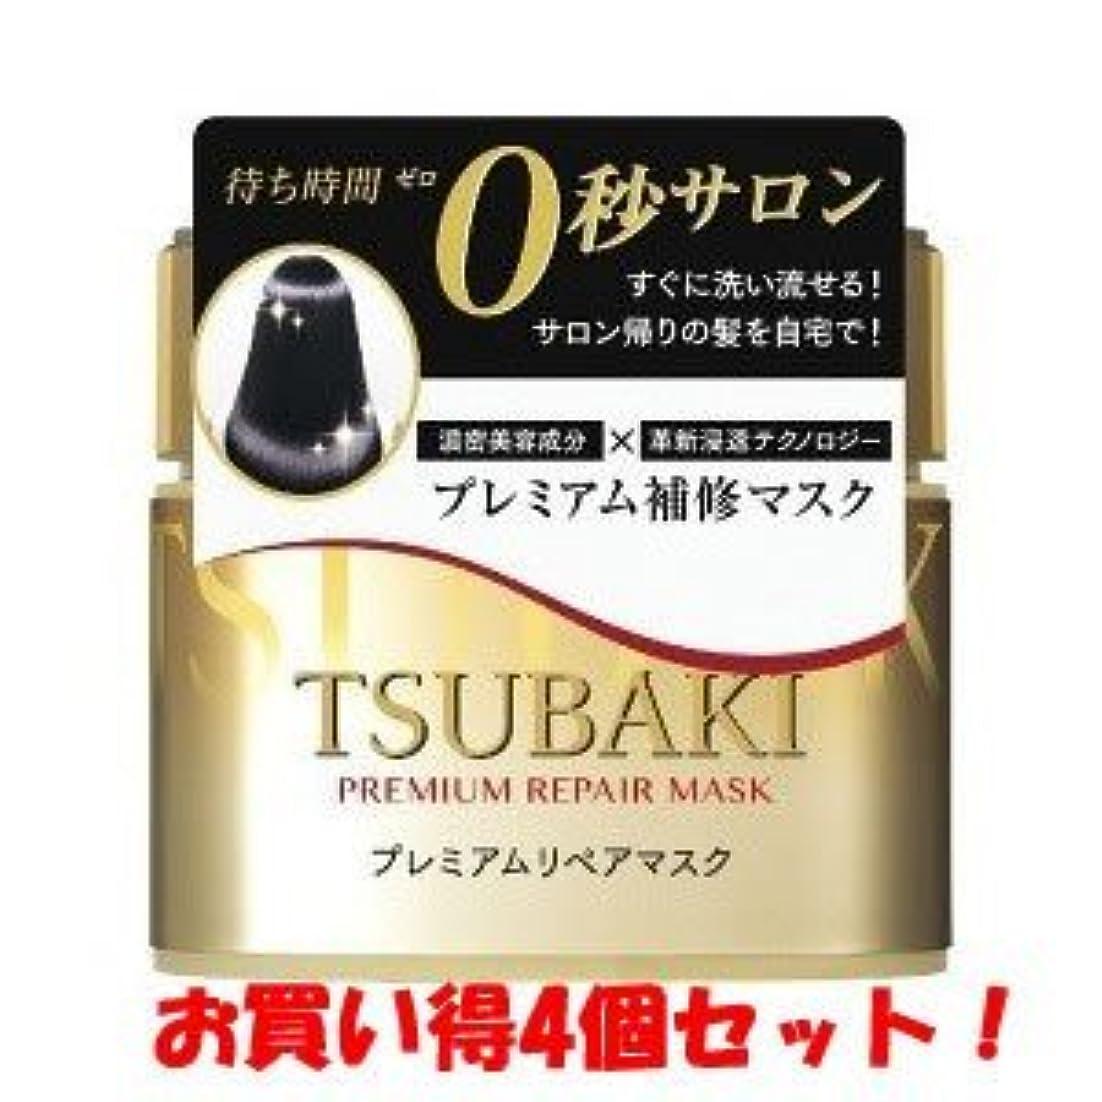 幻想的陰気骨(2017年の新商品)(資生堂)ツバキ(TSUBAKI) プレミアムリペアマスク 180g(お買い得4個セット)